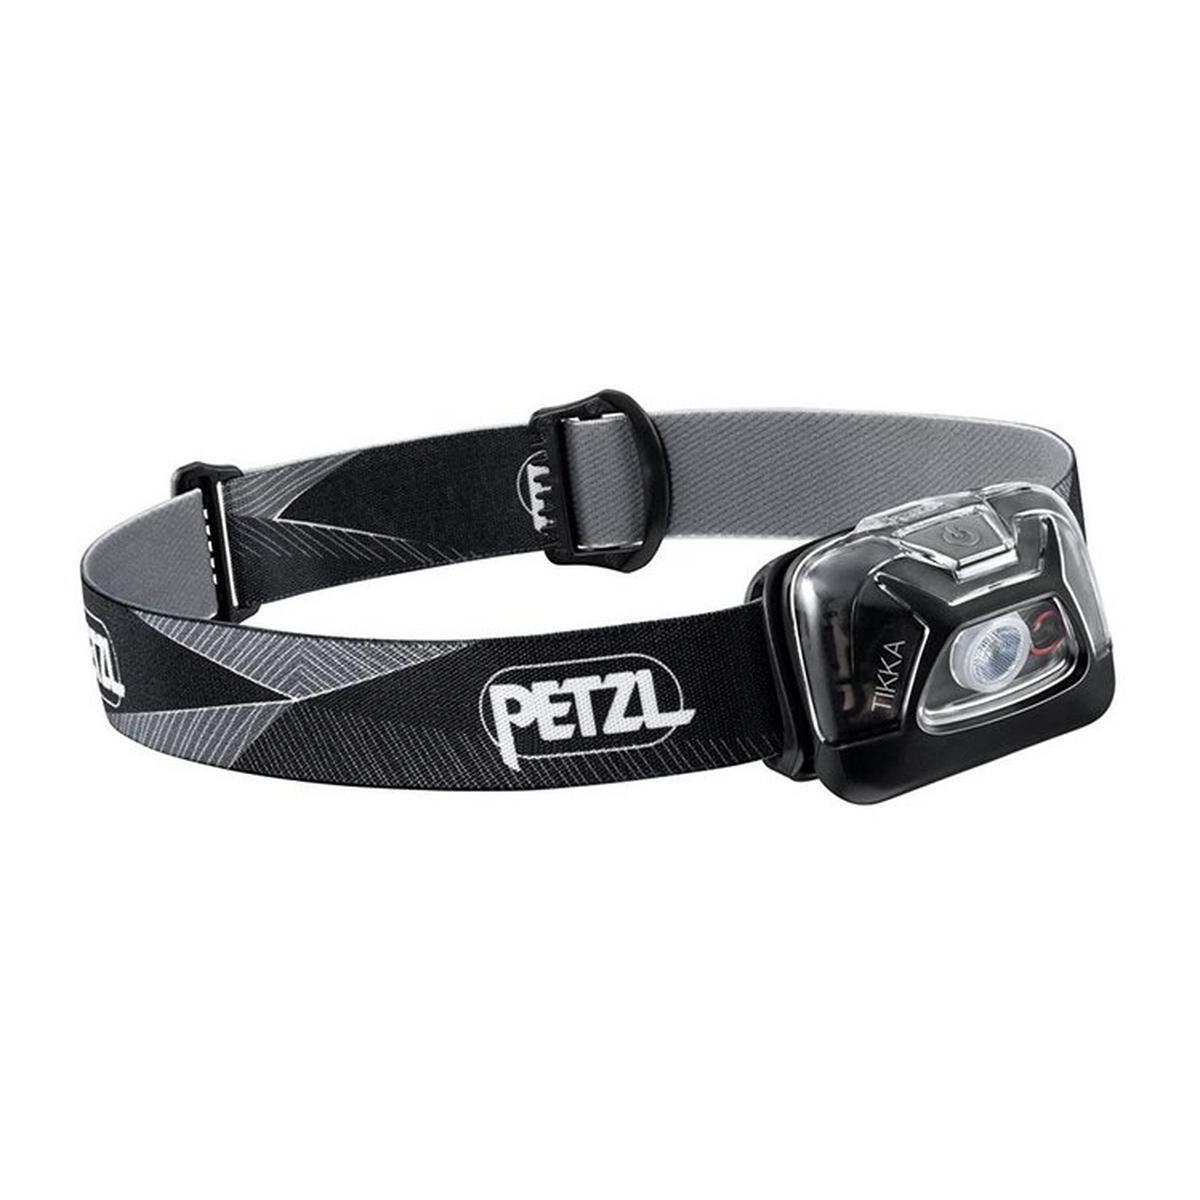 Petzl Charlet Petzl Headtorch Tikka Black